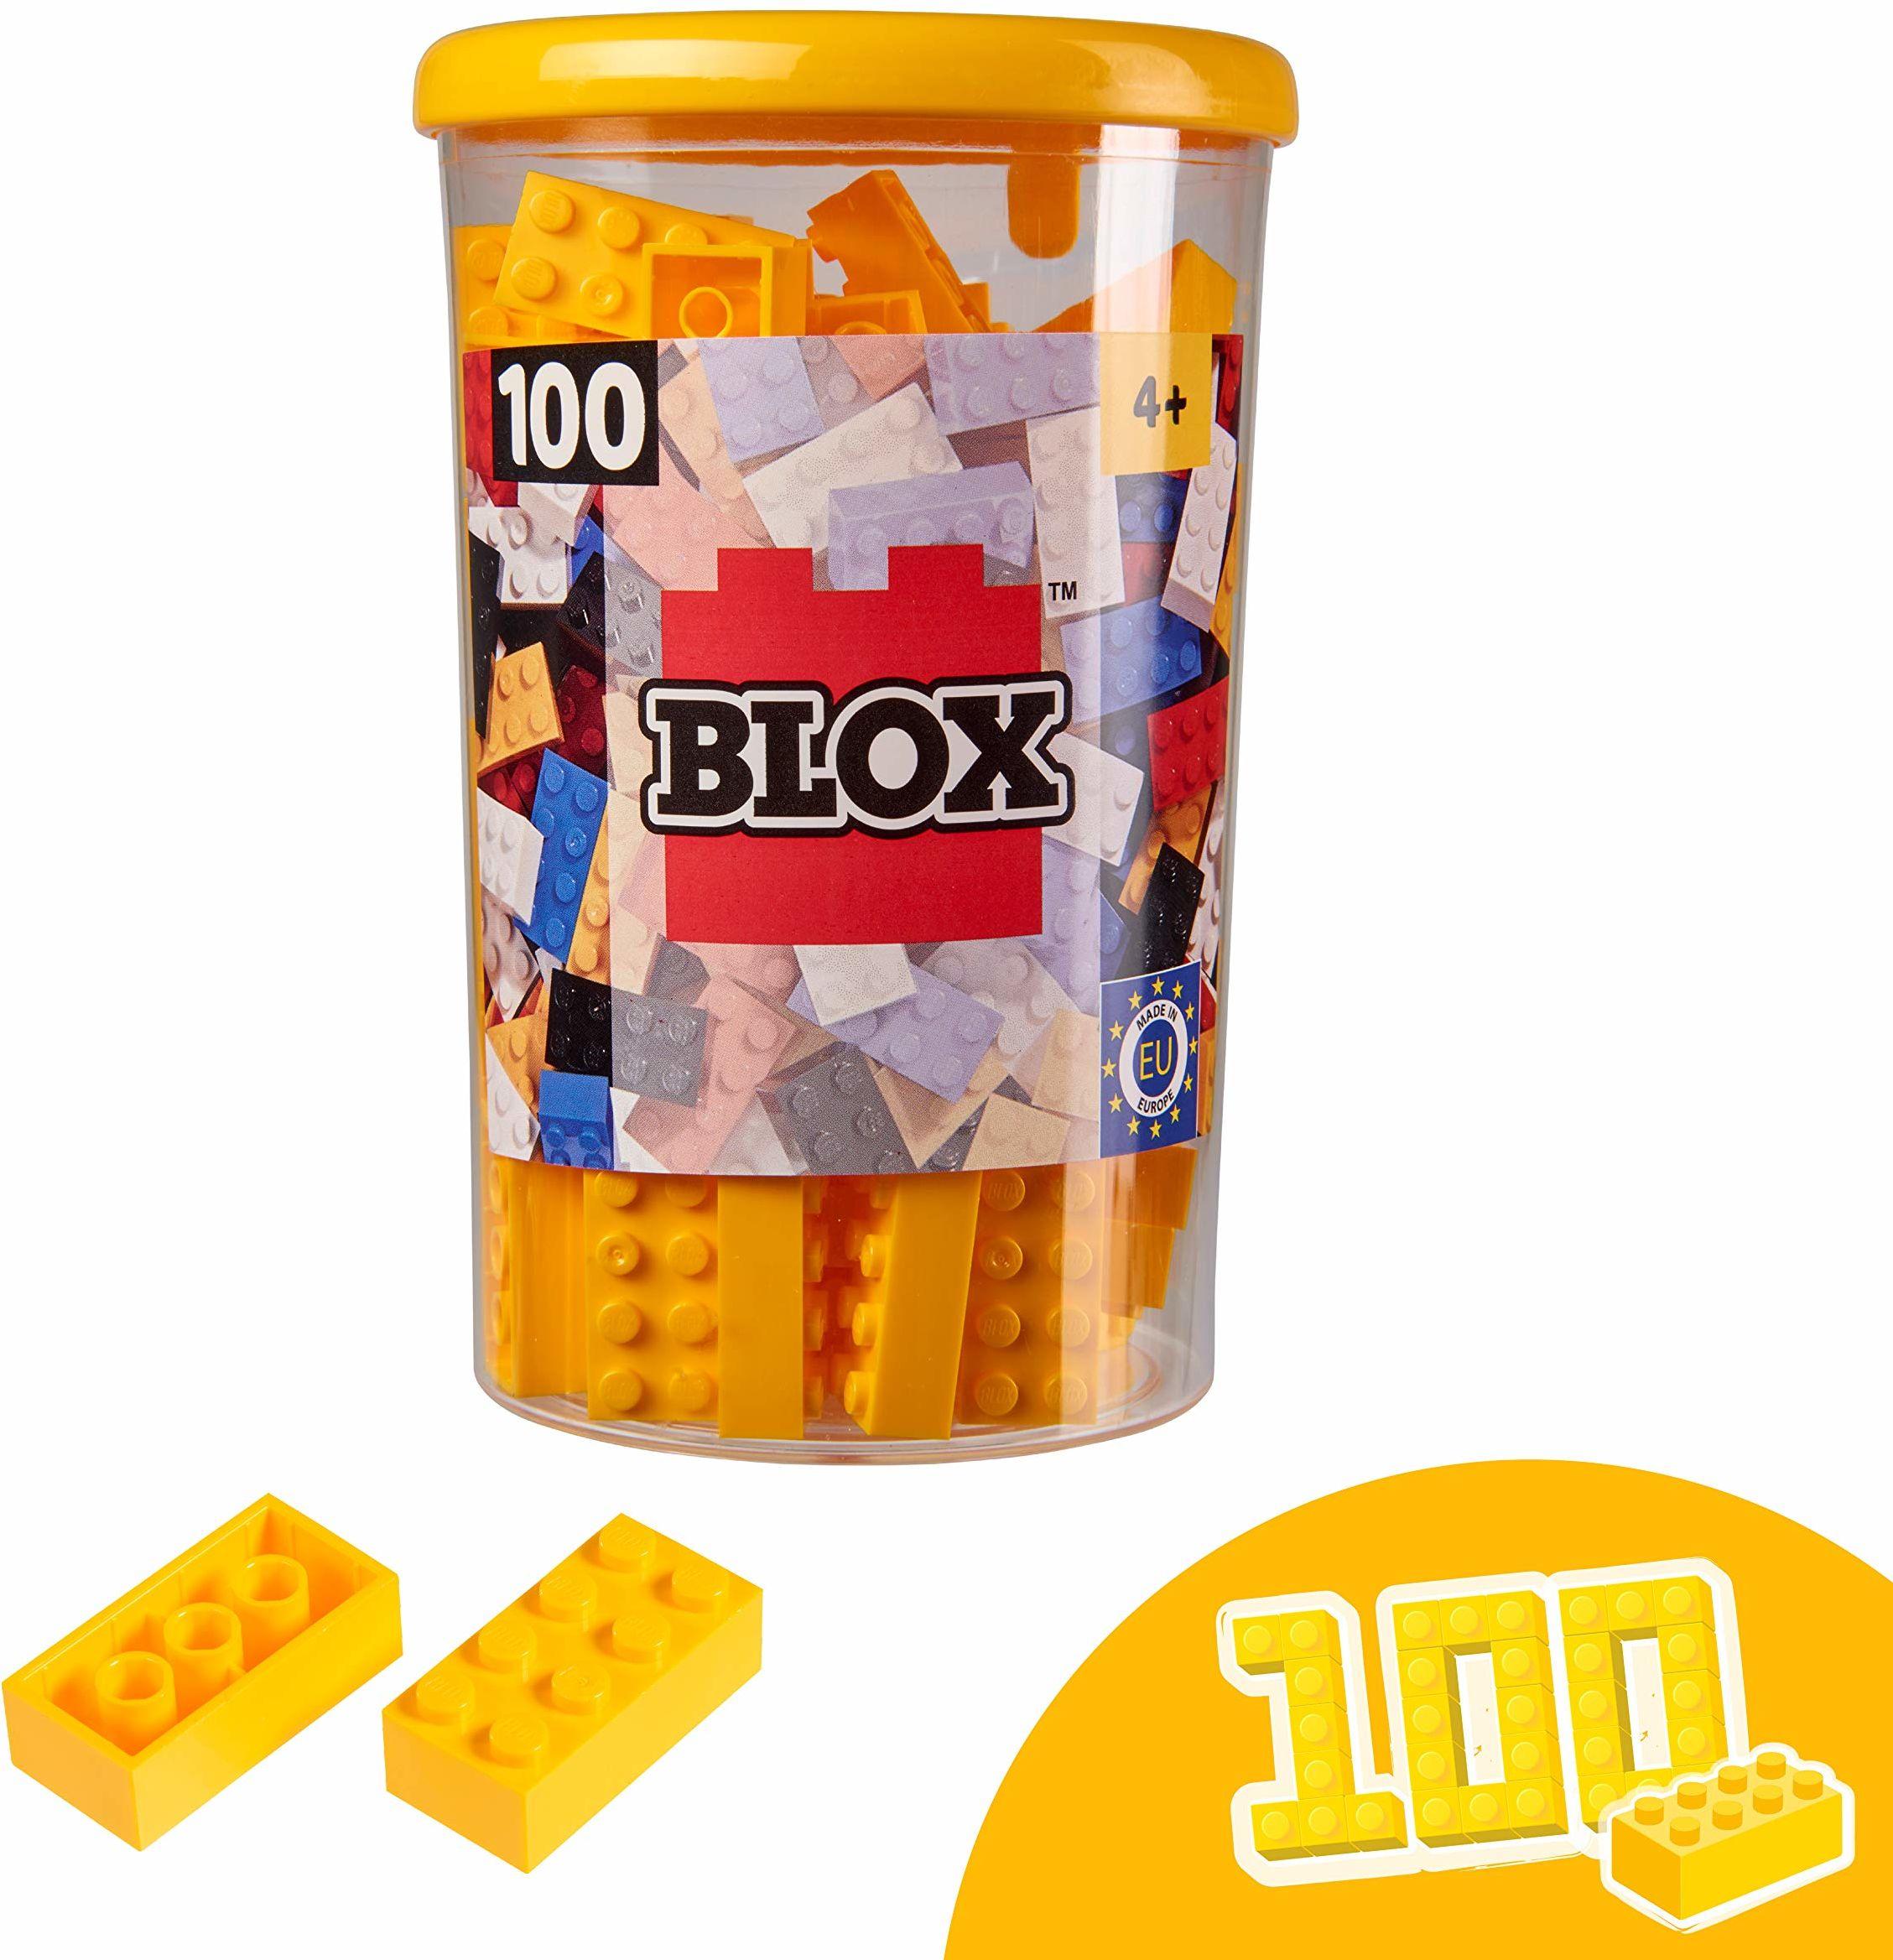 Simba 104118898, Blox, 100 żółtych klocków dla dzieci od 3 lat, 8 kamieni, w zestawie puszka, wysoka jakość, w pełni kompatybilne z produktami innych producentów